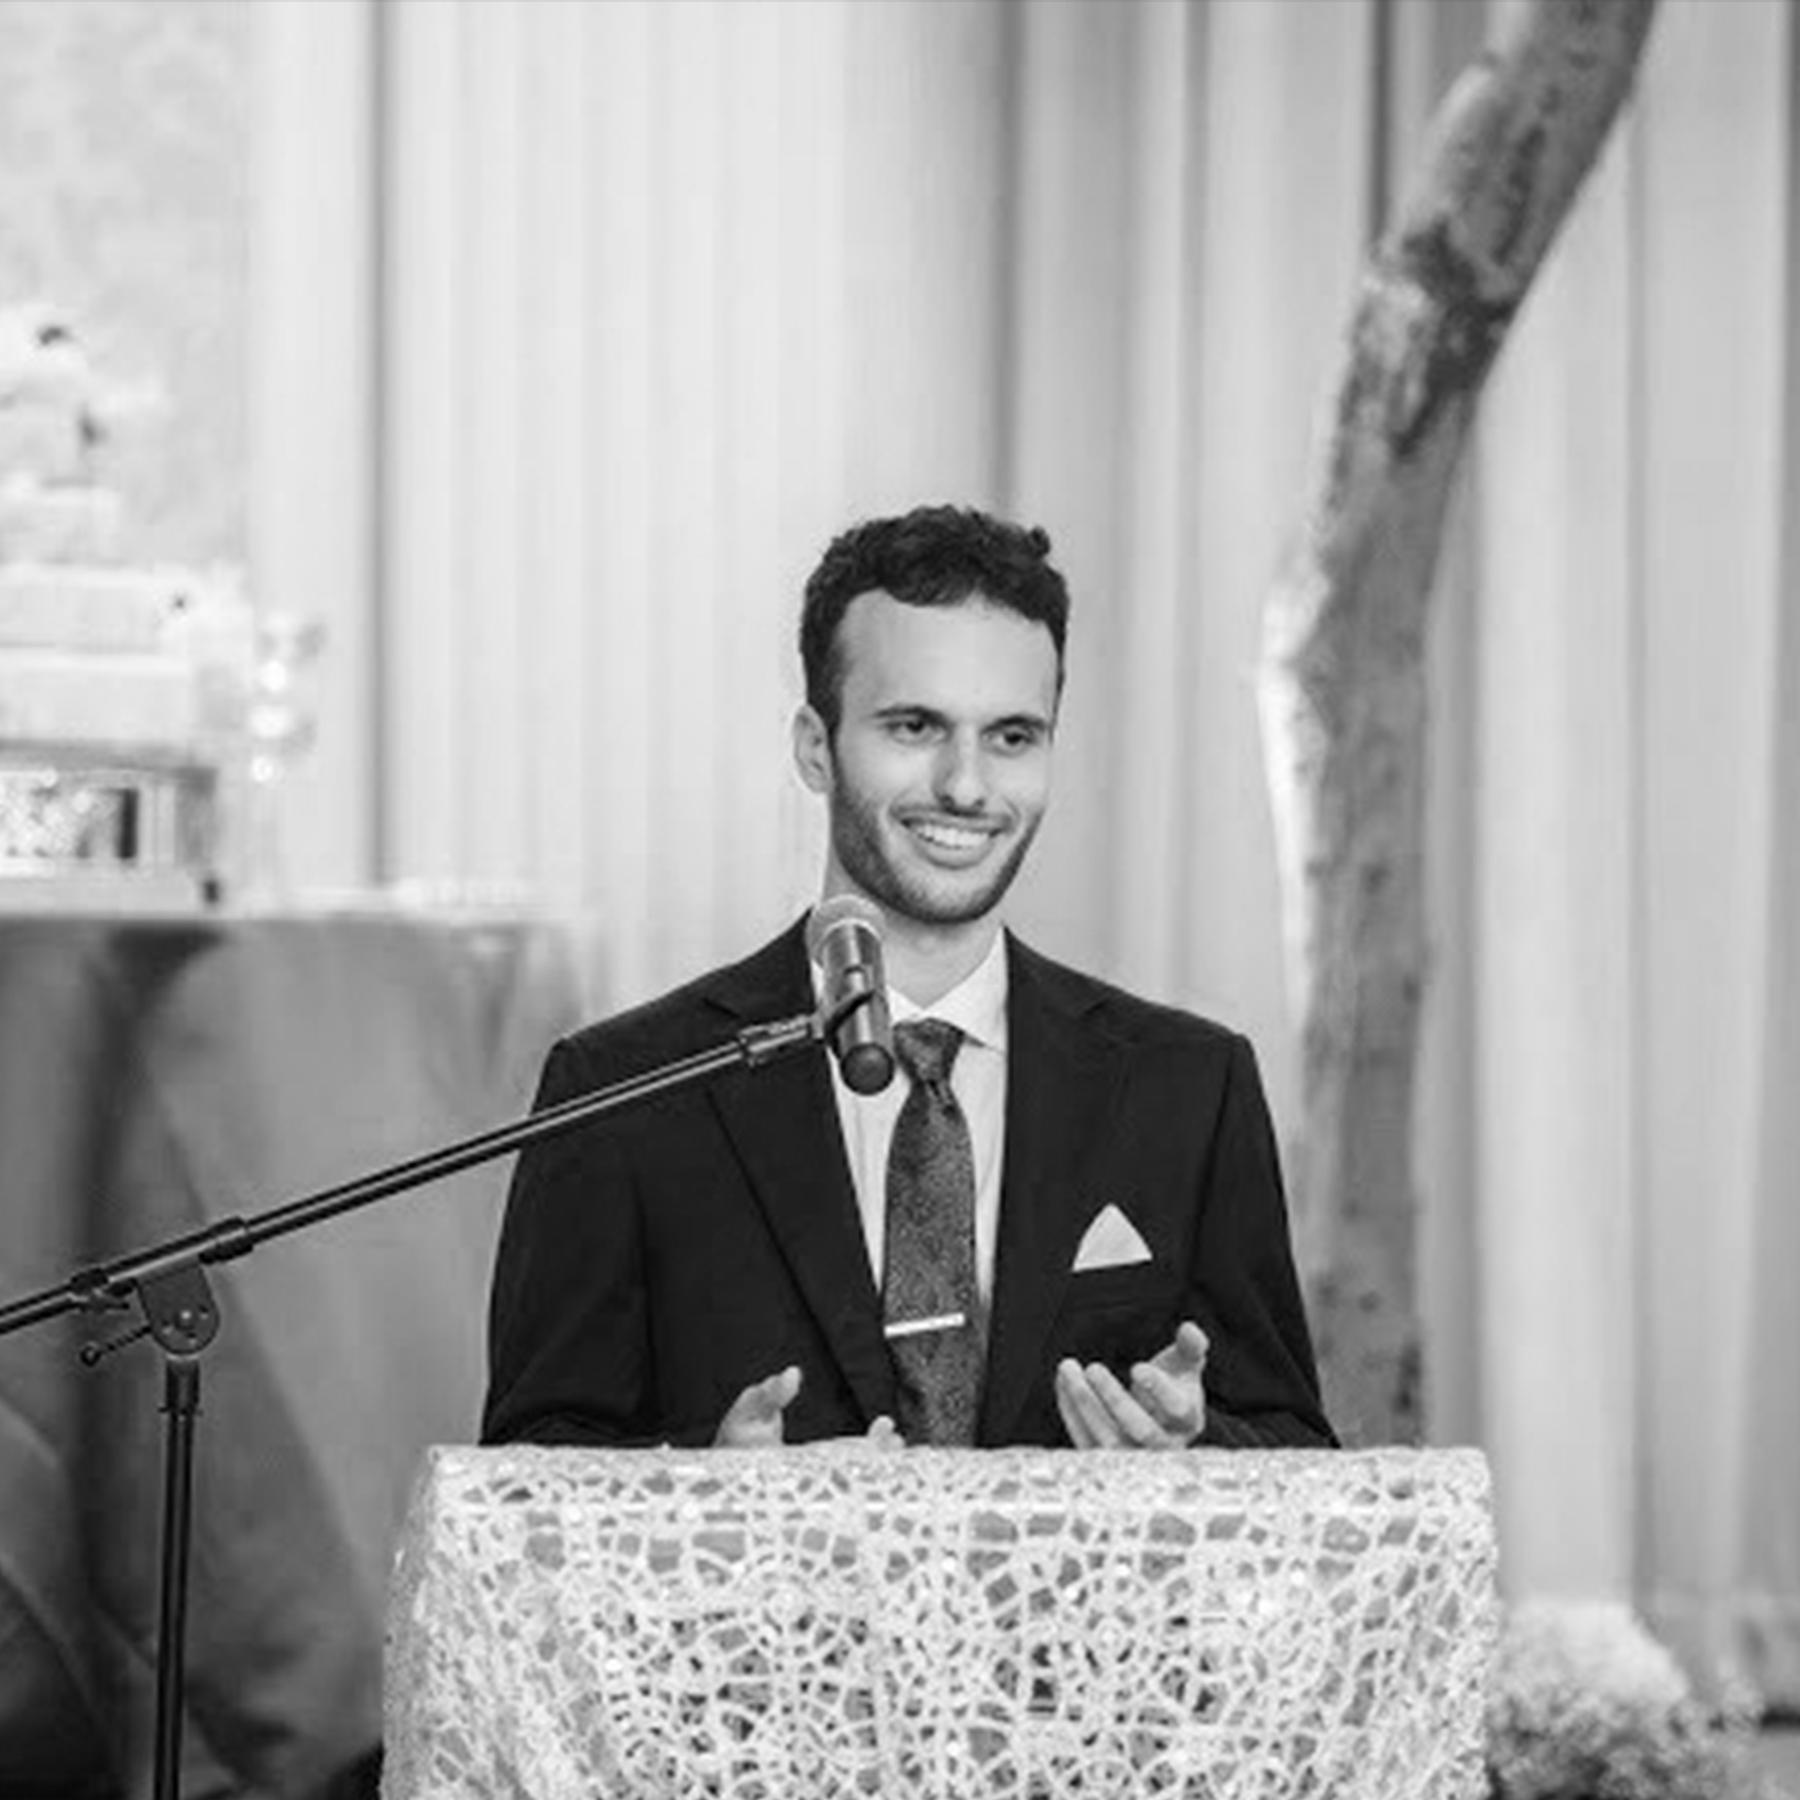 Dusan Mandic wearing a suit giving a speech